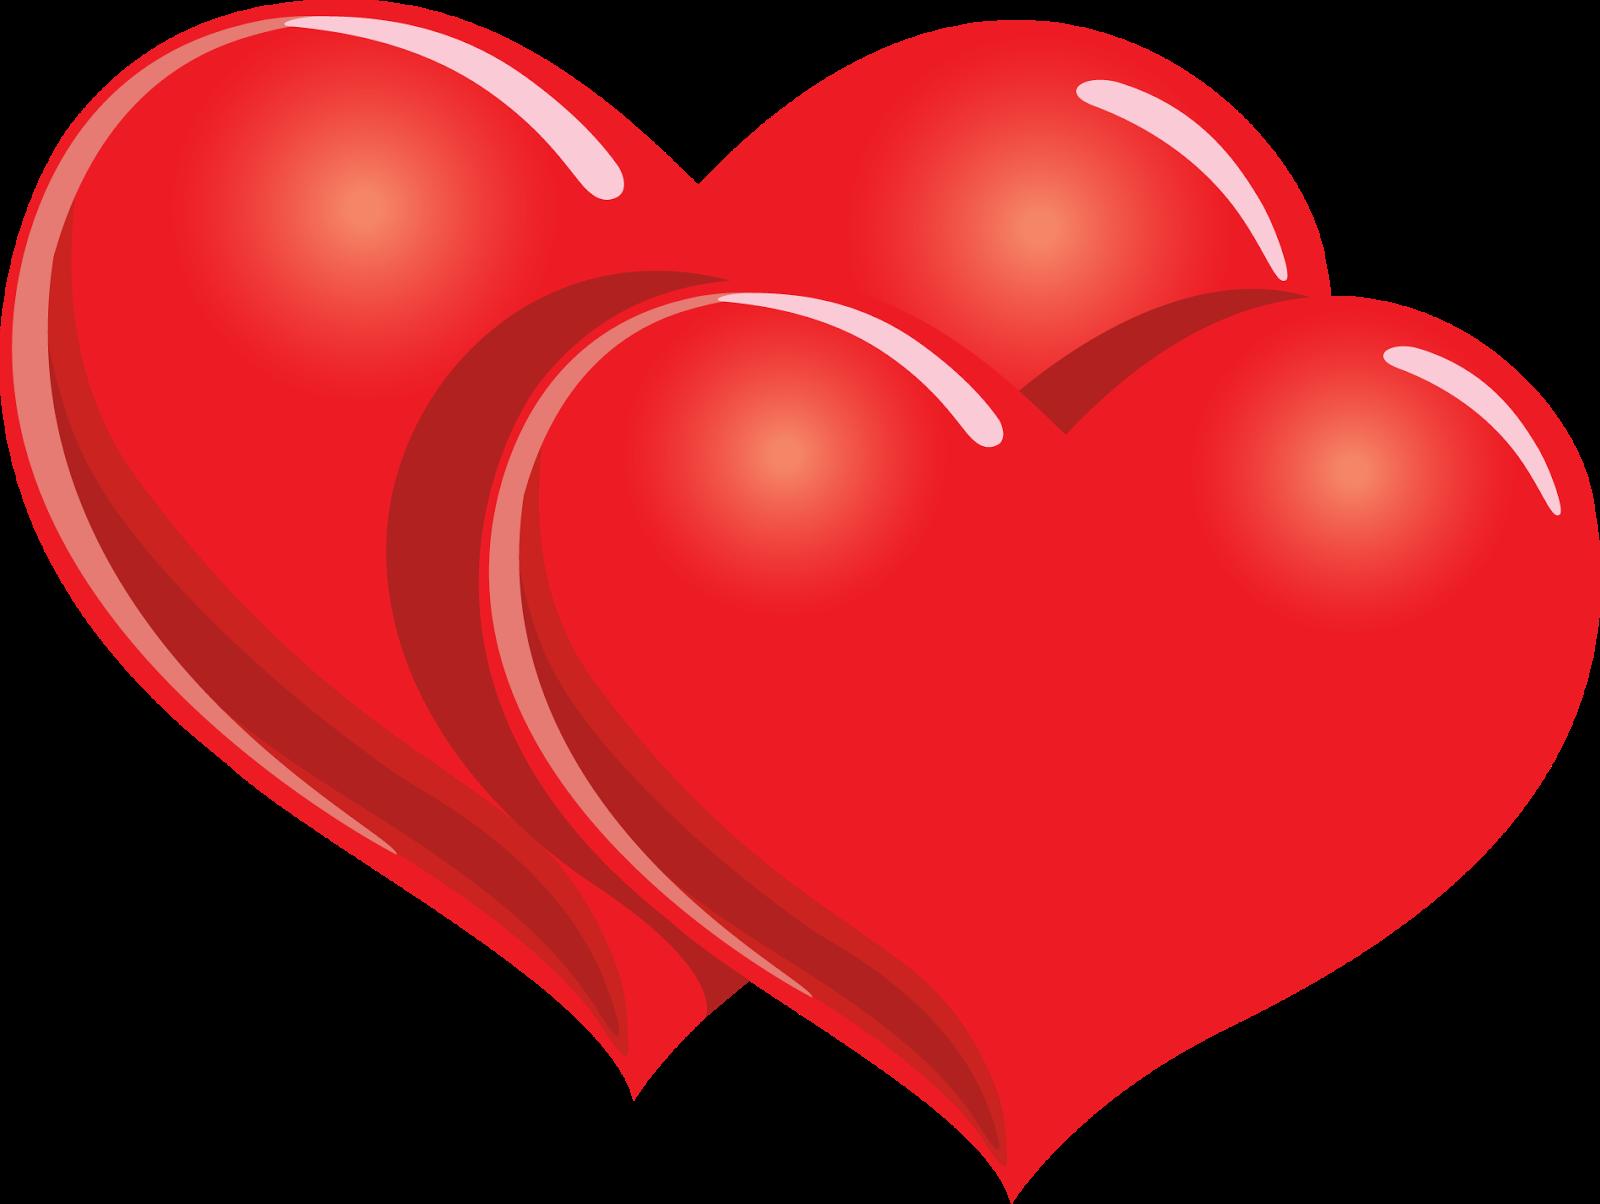 قلوب الحب 2014 - صور واتس اب قلوب جميلة 2015